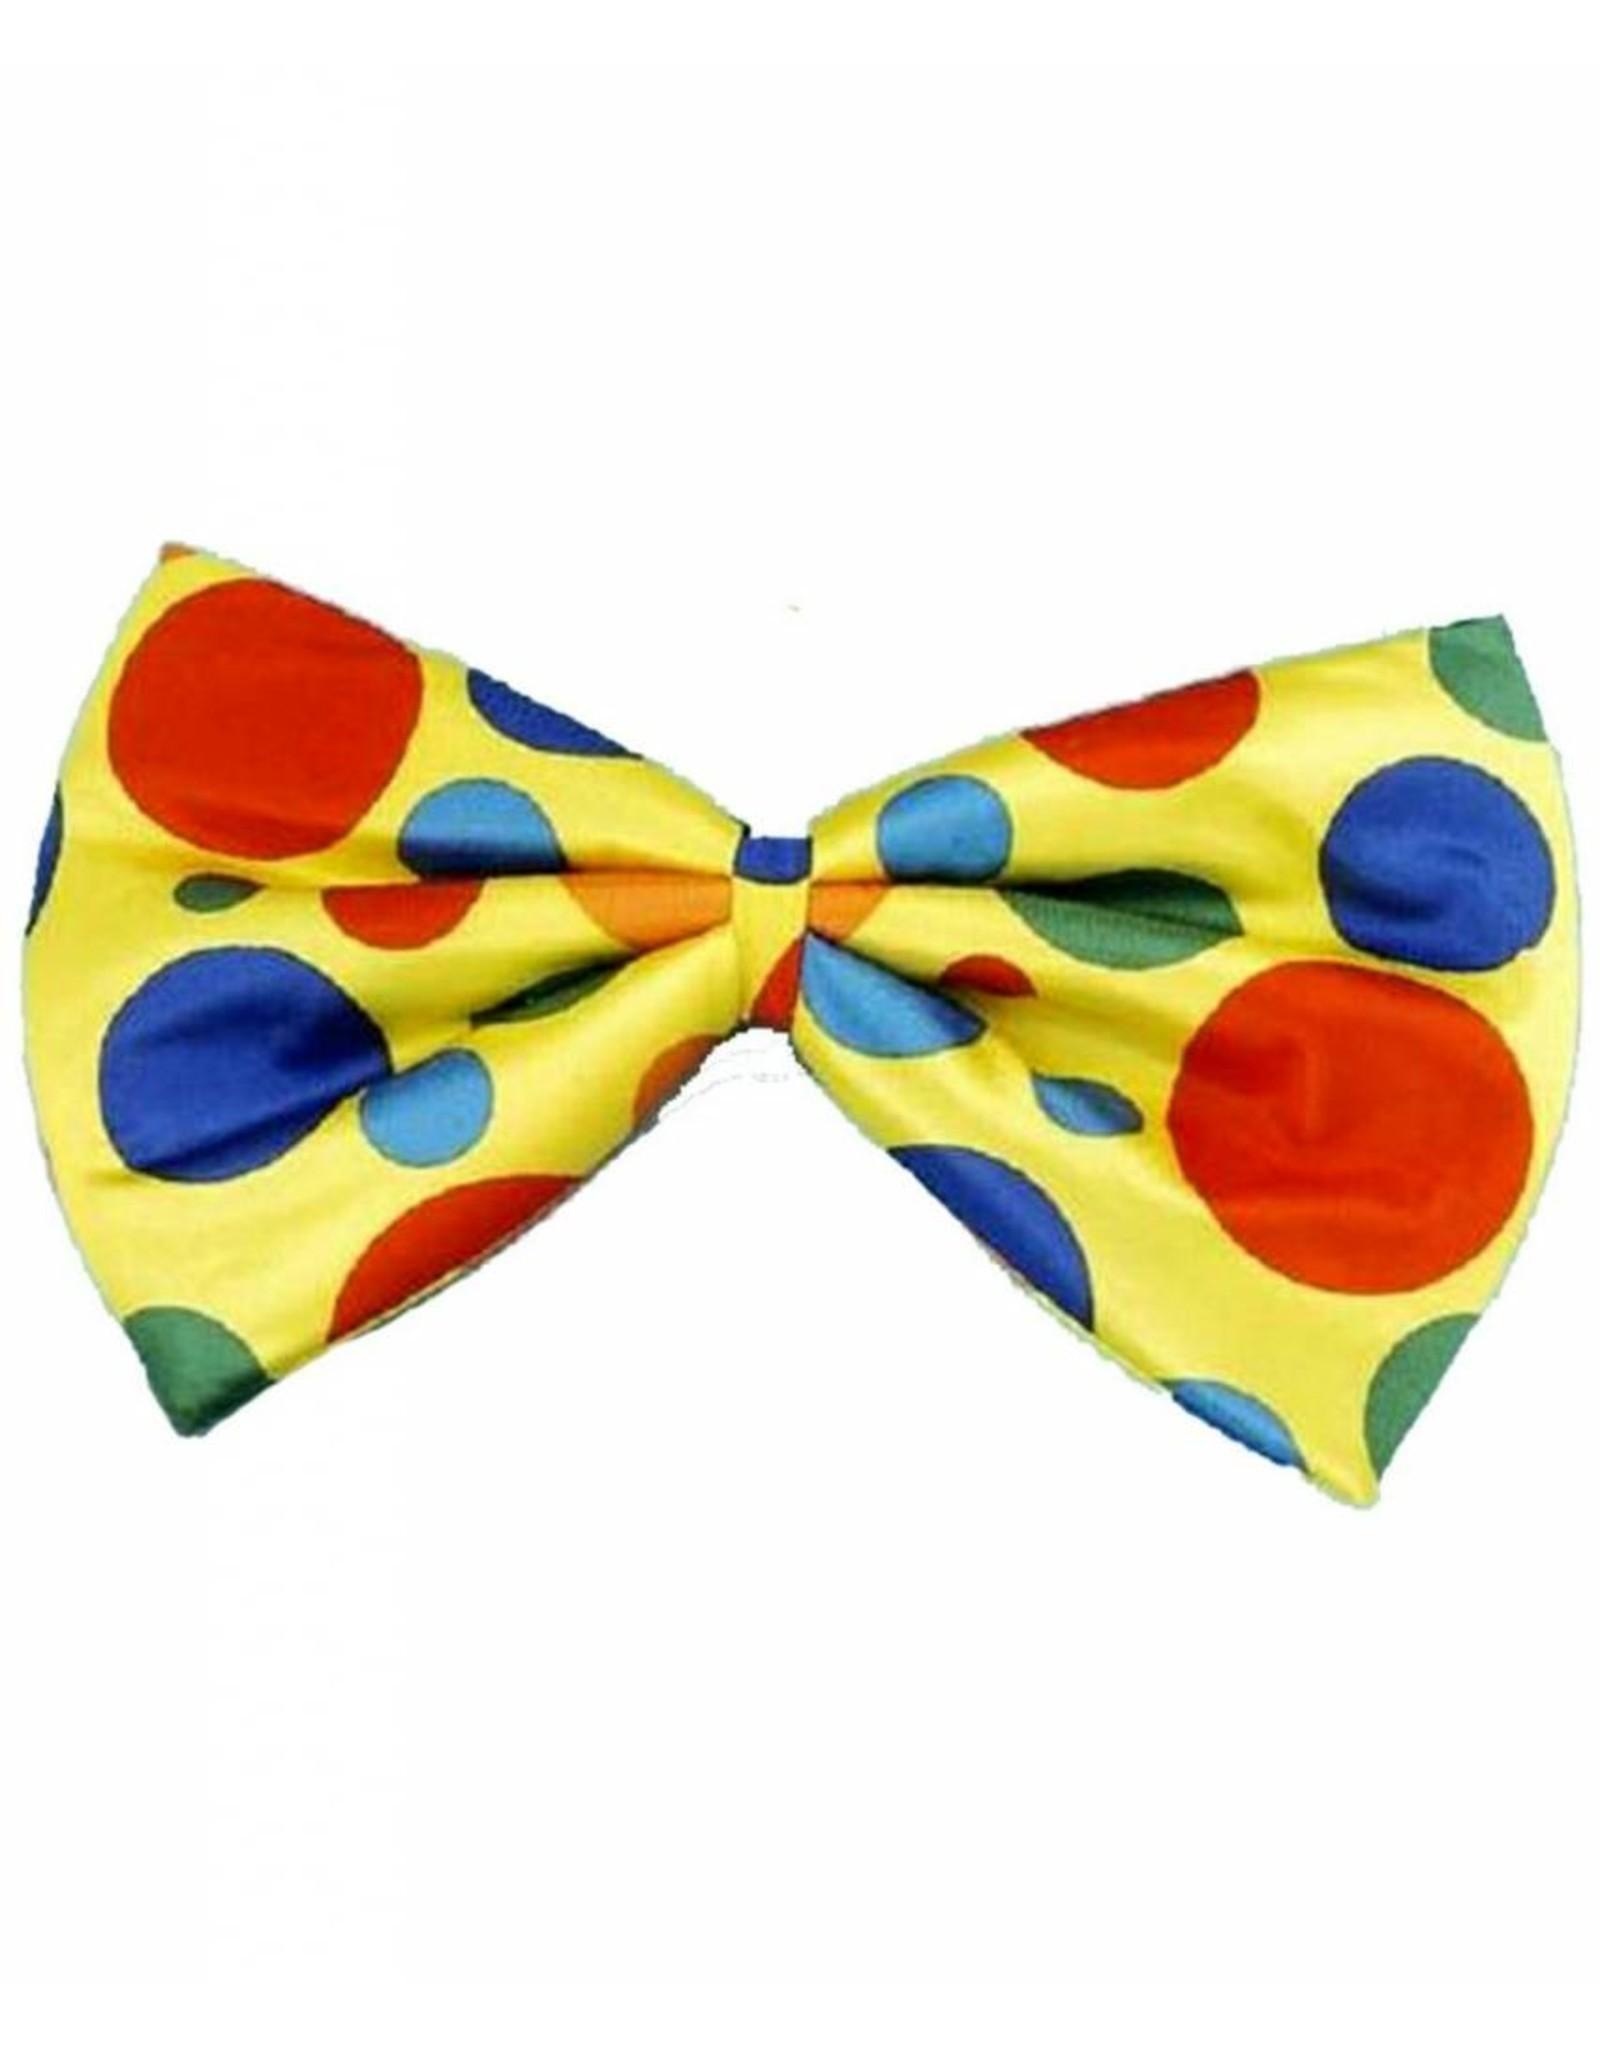 Forum Jumbo Clown Bow Tie